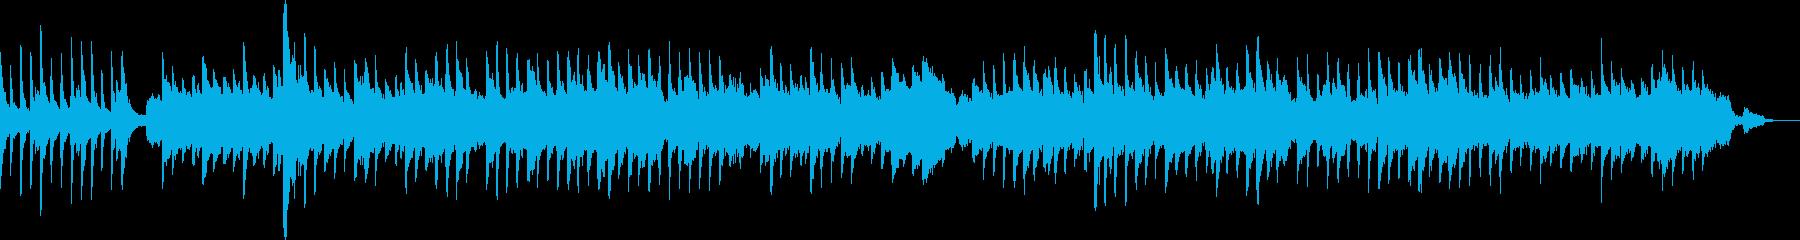 ピアノとバイオリン・寂しい?不思議な曲の再生済みの波形